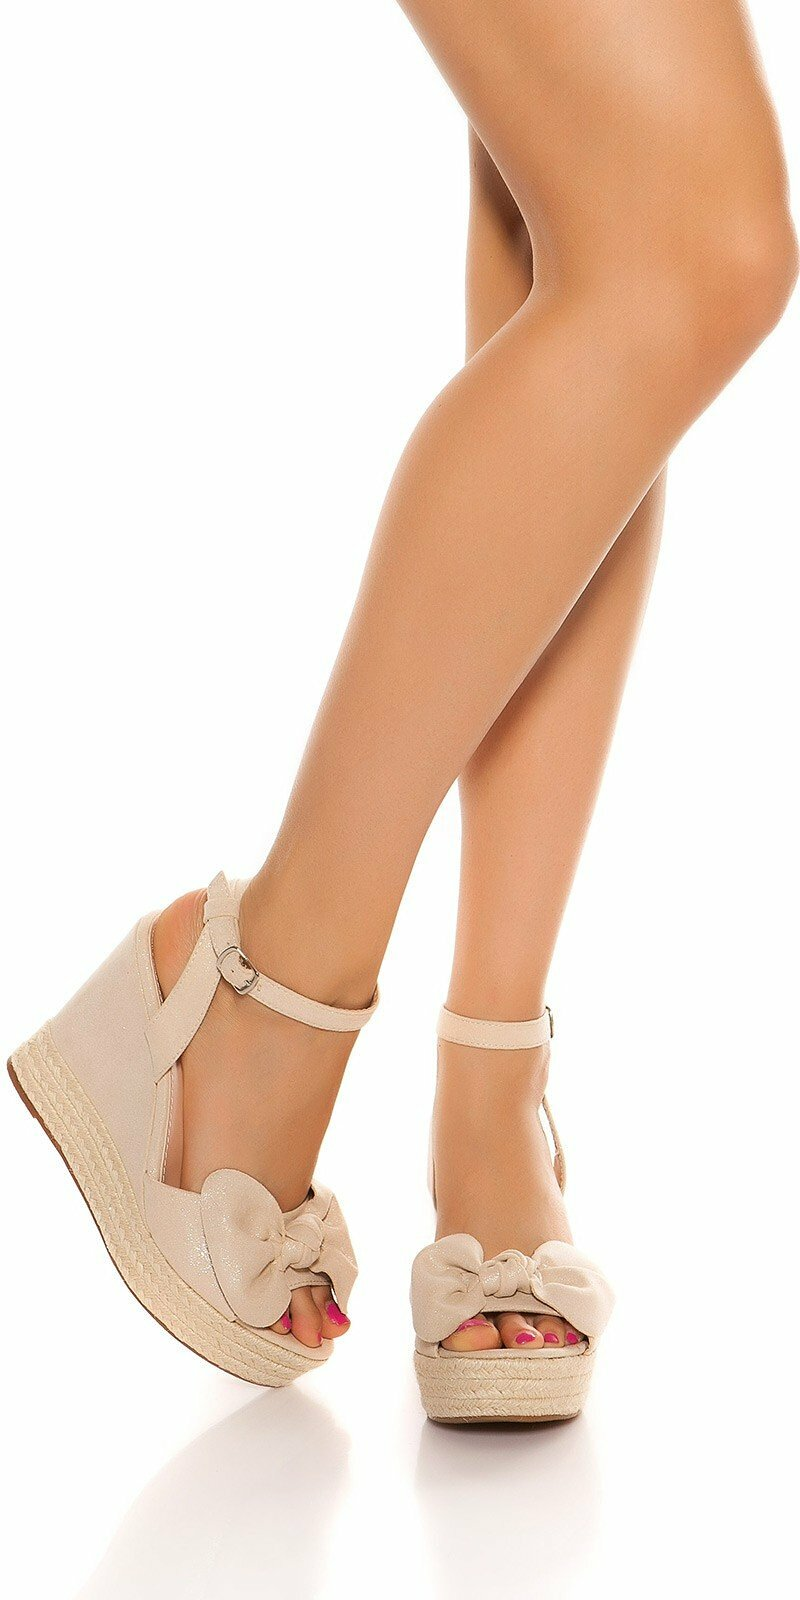 5297c2e9d1 Sandále na platforme s mašľou  Velkosť topánok 39 Farba Béžová Zľava 40%